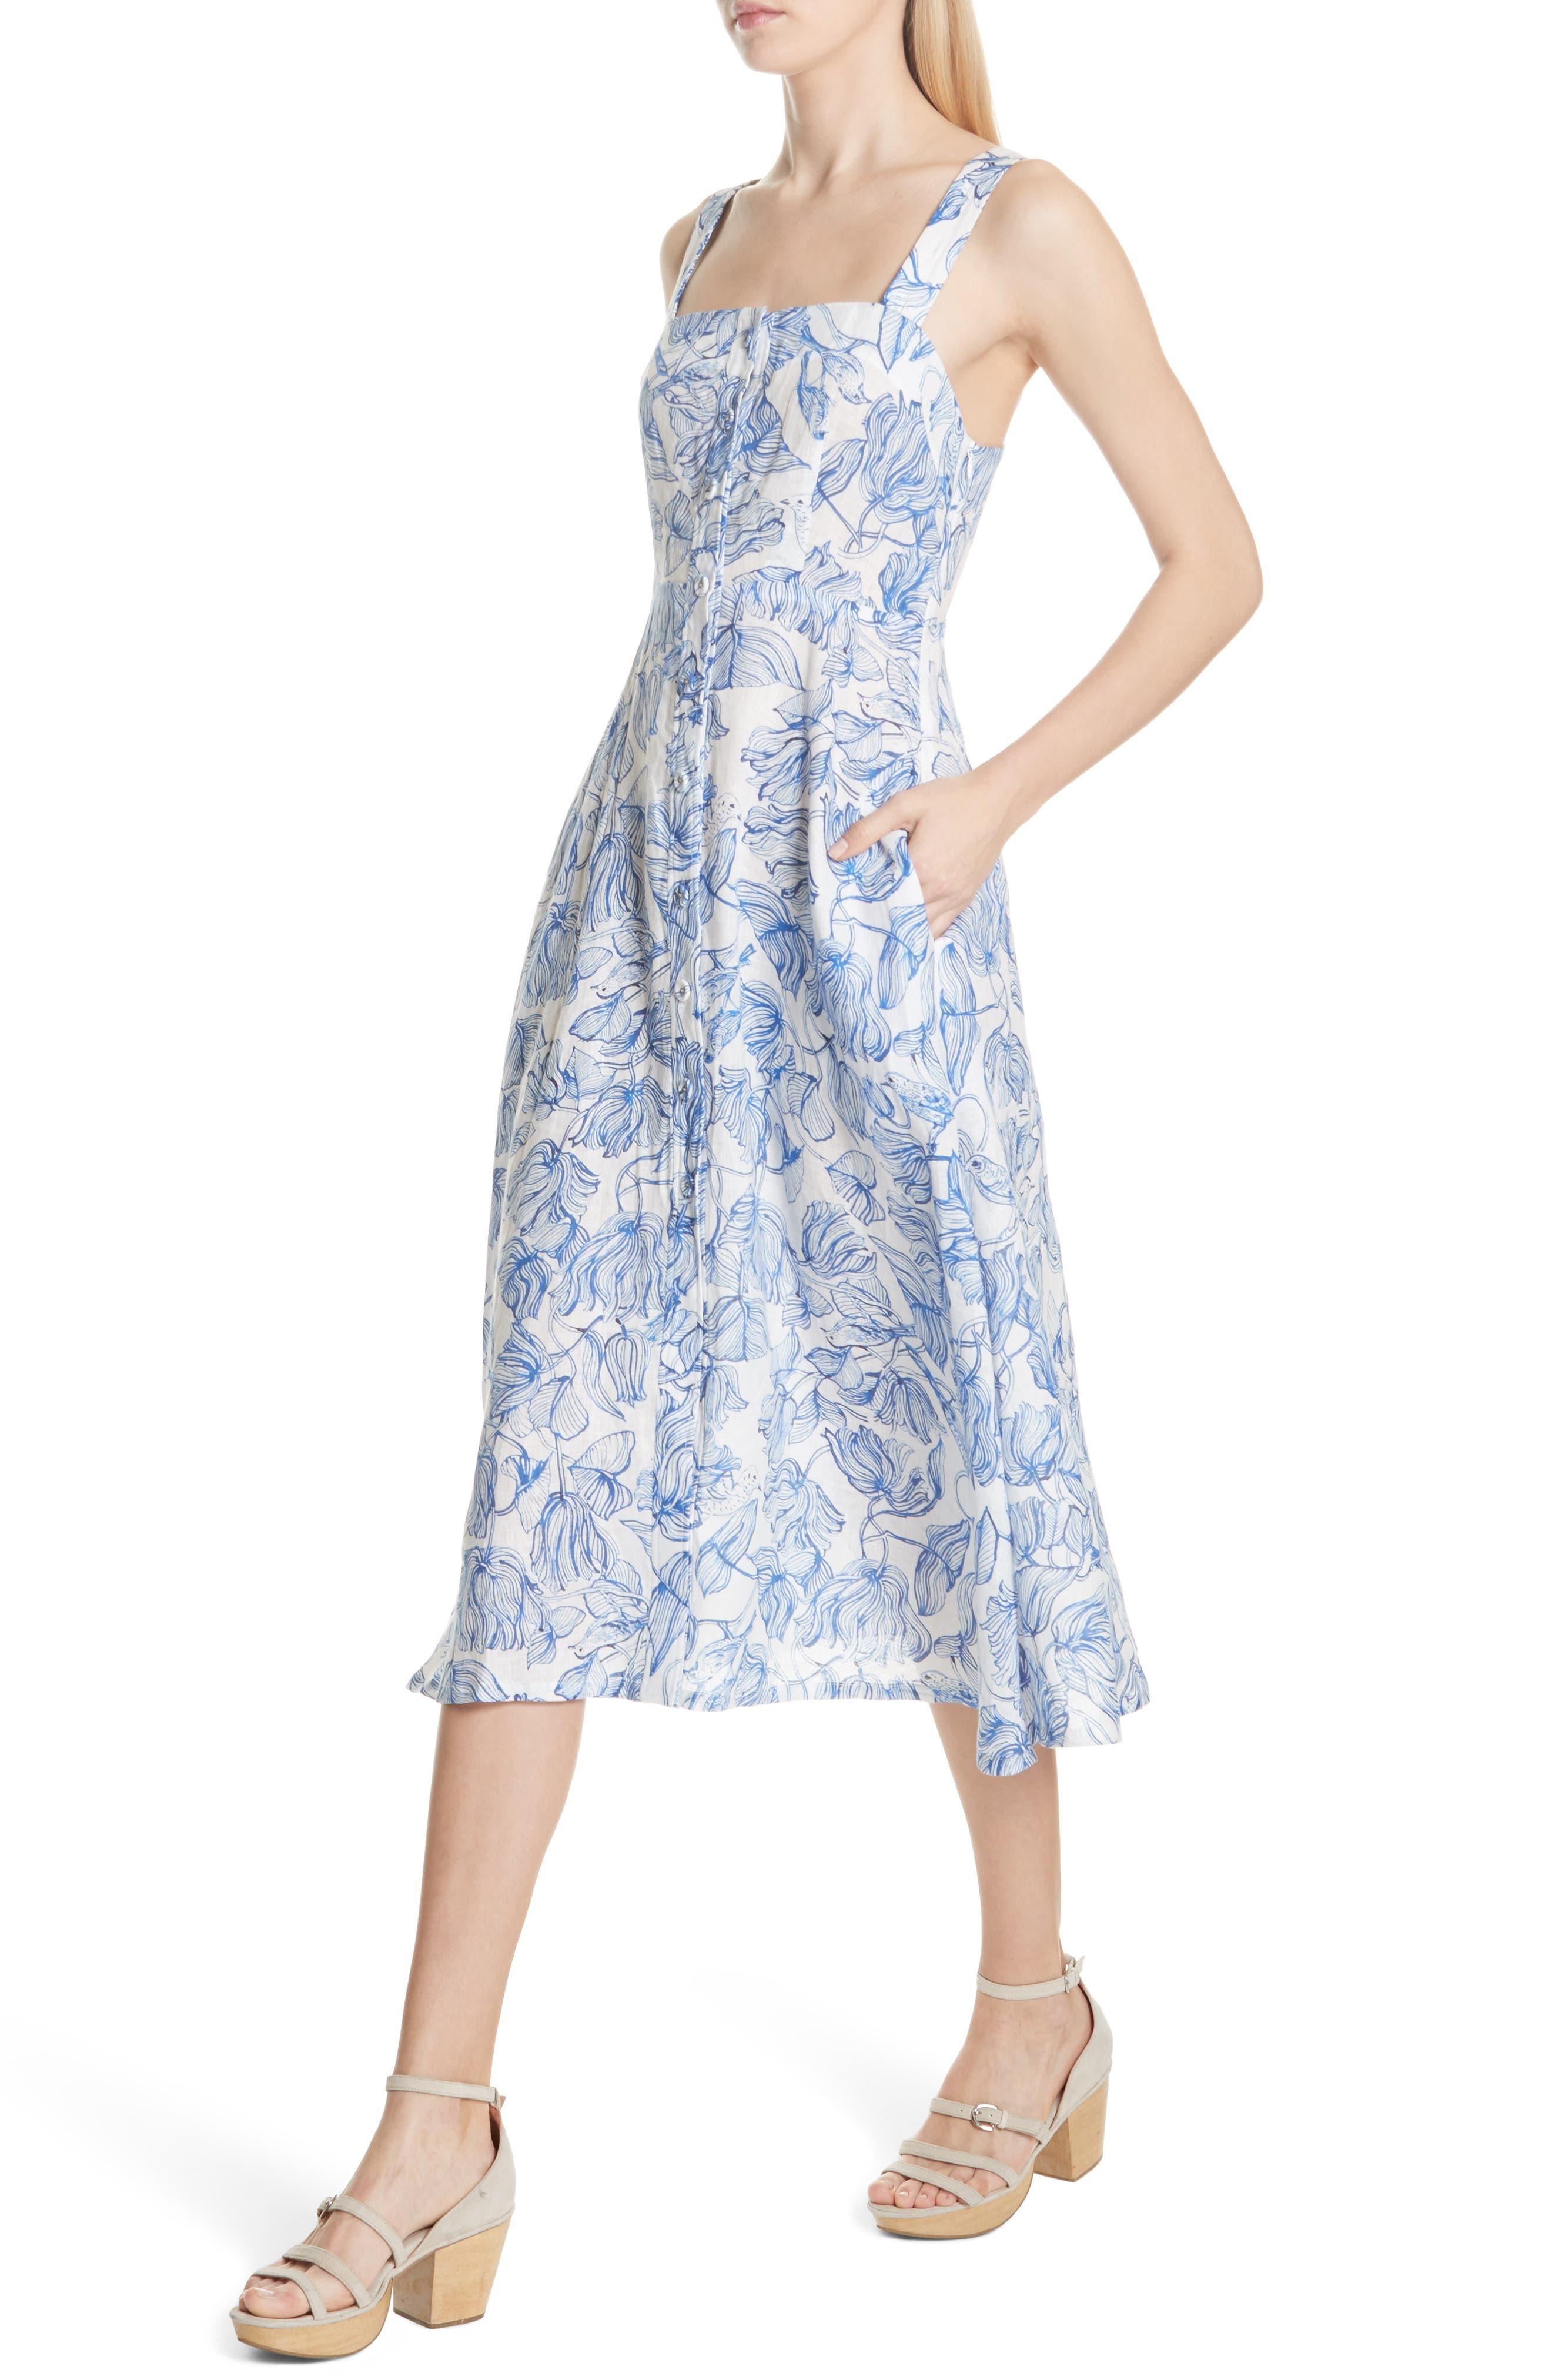 RACHEL COMEY,                             Lido Linen Dress,                             Alternate thumbnail 4, color,                             435